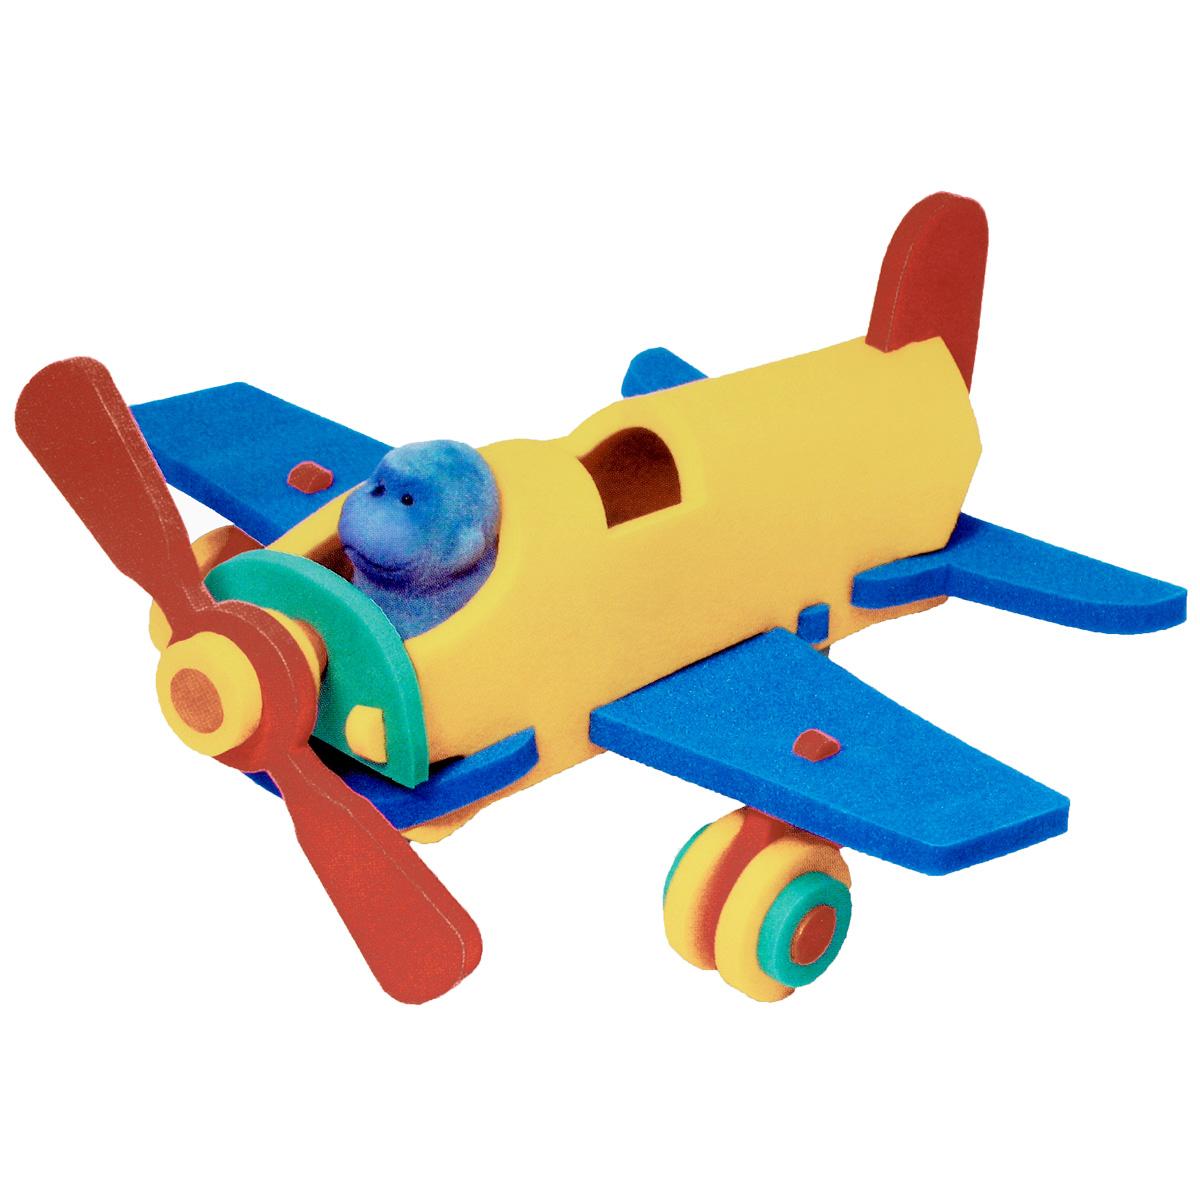 Флексика Мягкий конструктор Истребитель45488Игрушки серии Мягкие конструкторы выполнены из мягкого, прочного, нетоксичного, абсолютно безопасного материала. Мягкие конструкторы развивают у ребенка память, воображение, моторику, пространственное и логическое мышление. Обучение происходит во время игры. Благодаря особой структуре материала и свойству прилипать к мокрой поверхности, они являются идеальной игрушкой для ванны. Такие простые малышевые конструкторы не менее полезны чем взрослые. Они дают здоровую и интересную пищу для ума, и при этом безопасны в еще неумелых детских ручках.